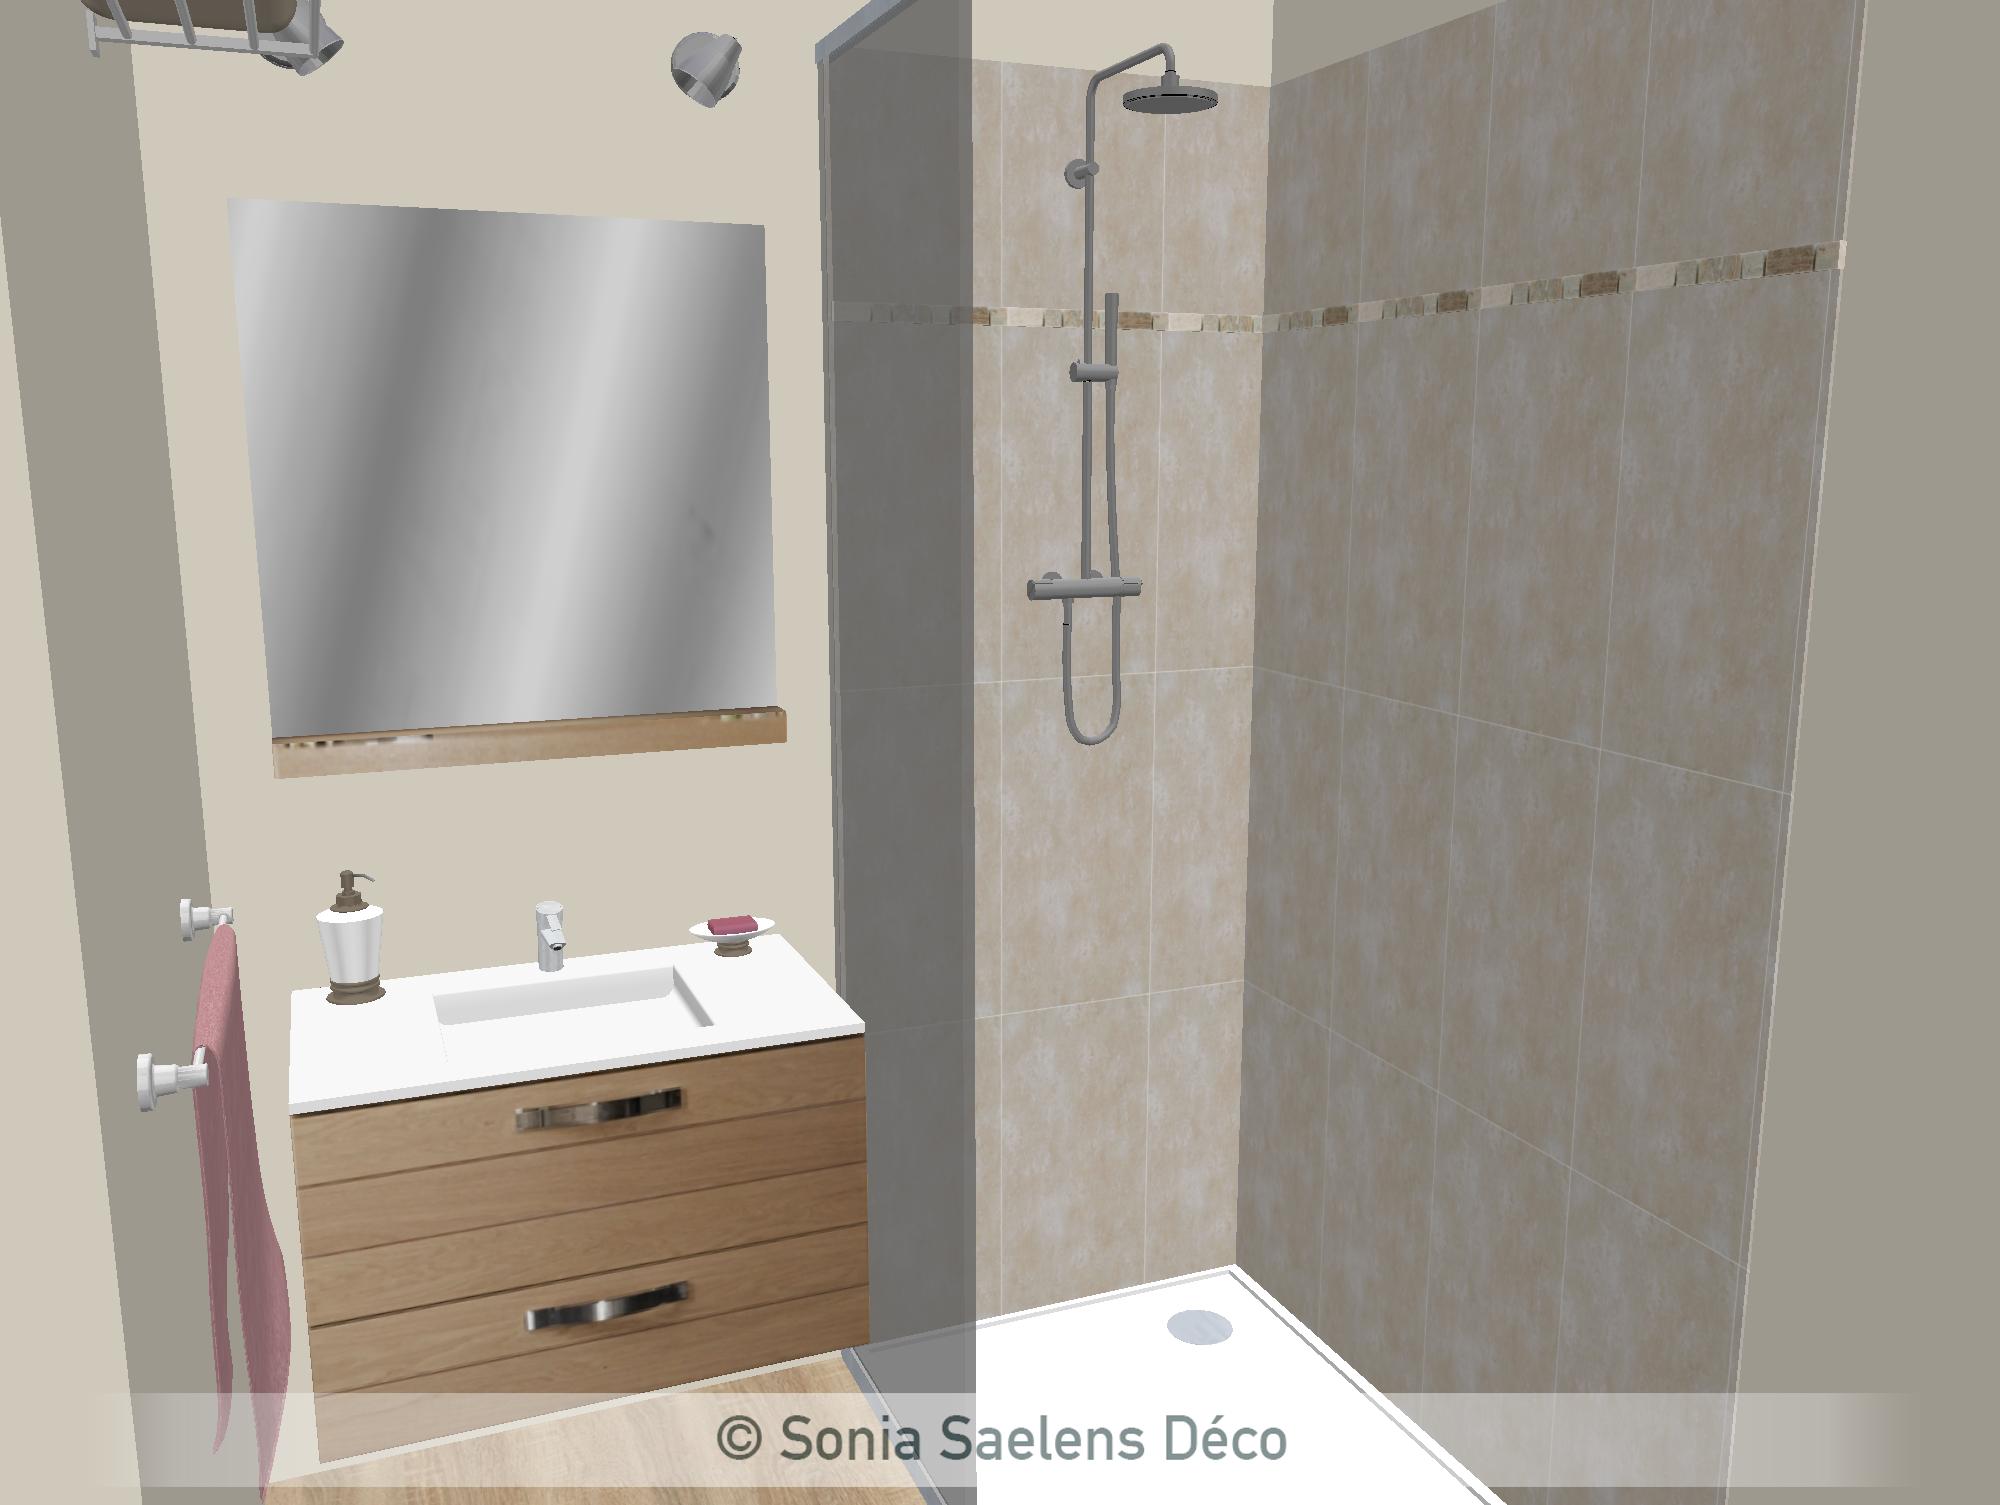 projet client ambiance naturelle pour une chambre d amis sonia